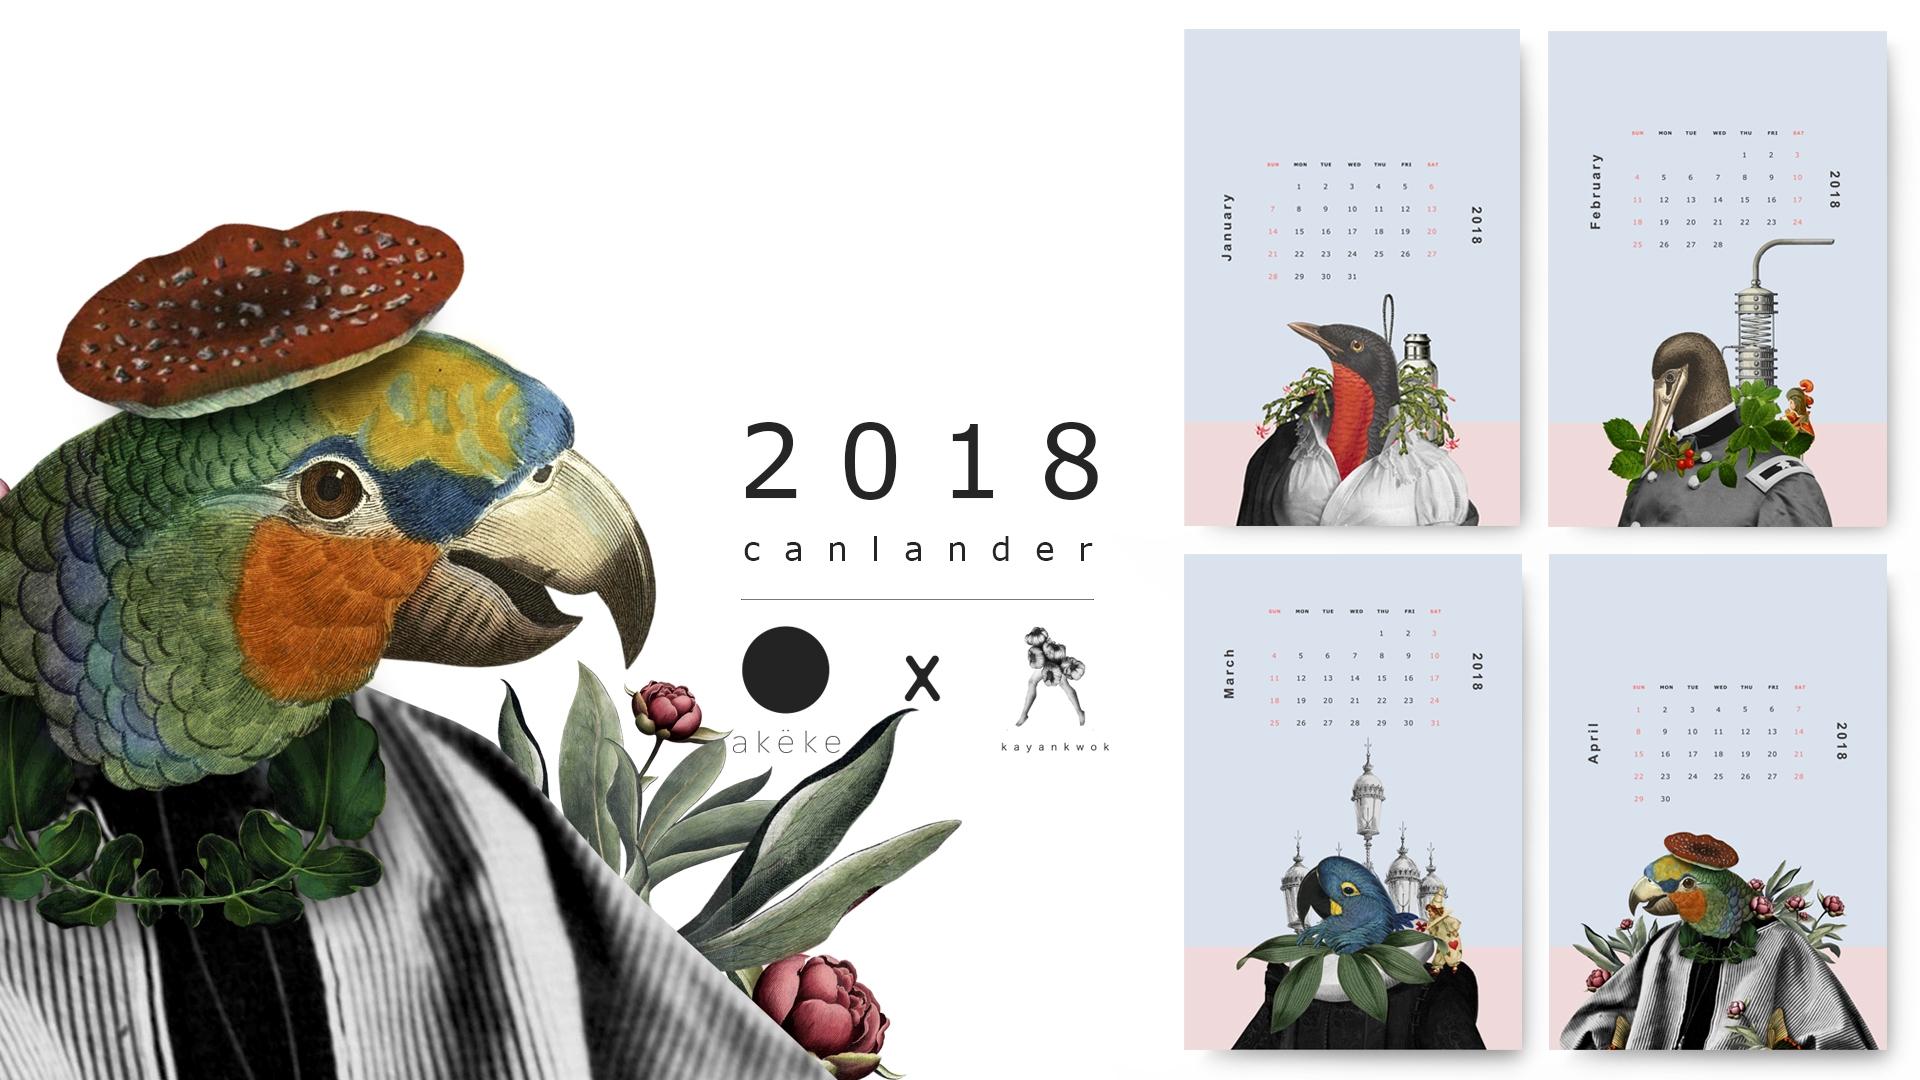 Birdman 2018 Postcard Calendar  - kayankwok   ello